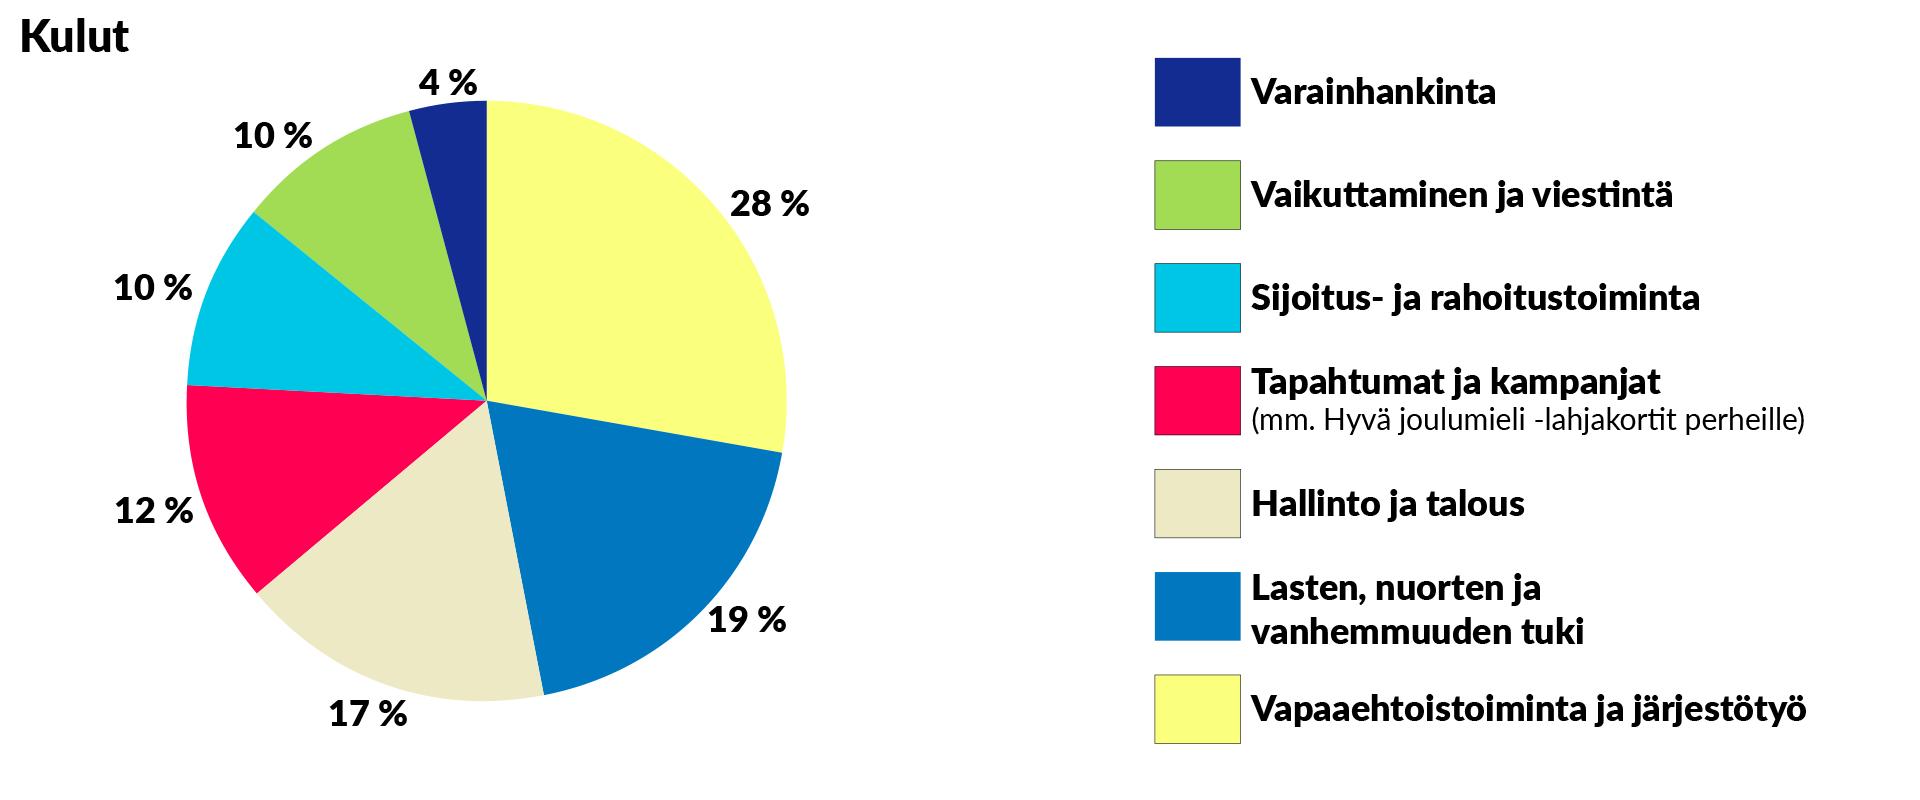 Kulut-piirakkagraafi. Piirakan osuudet ovat seuraavat: Varainhankinta 4 %, vaikuttaminen ja viestintä 10 %, sijoitus- ja rahoitustoiminta 10 %, tapahtumat ja kampanjat (mm. Hyvä joulumieli -lahjakortit perheille) 12 %, hallinto ja talous 17 %, lasten, nuorten ja vanhemmuuden tuki 19 %, vapaaehtoistoiminta ja järjestötyö 28 %.